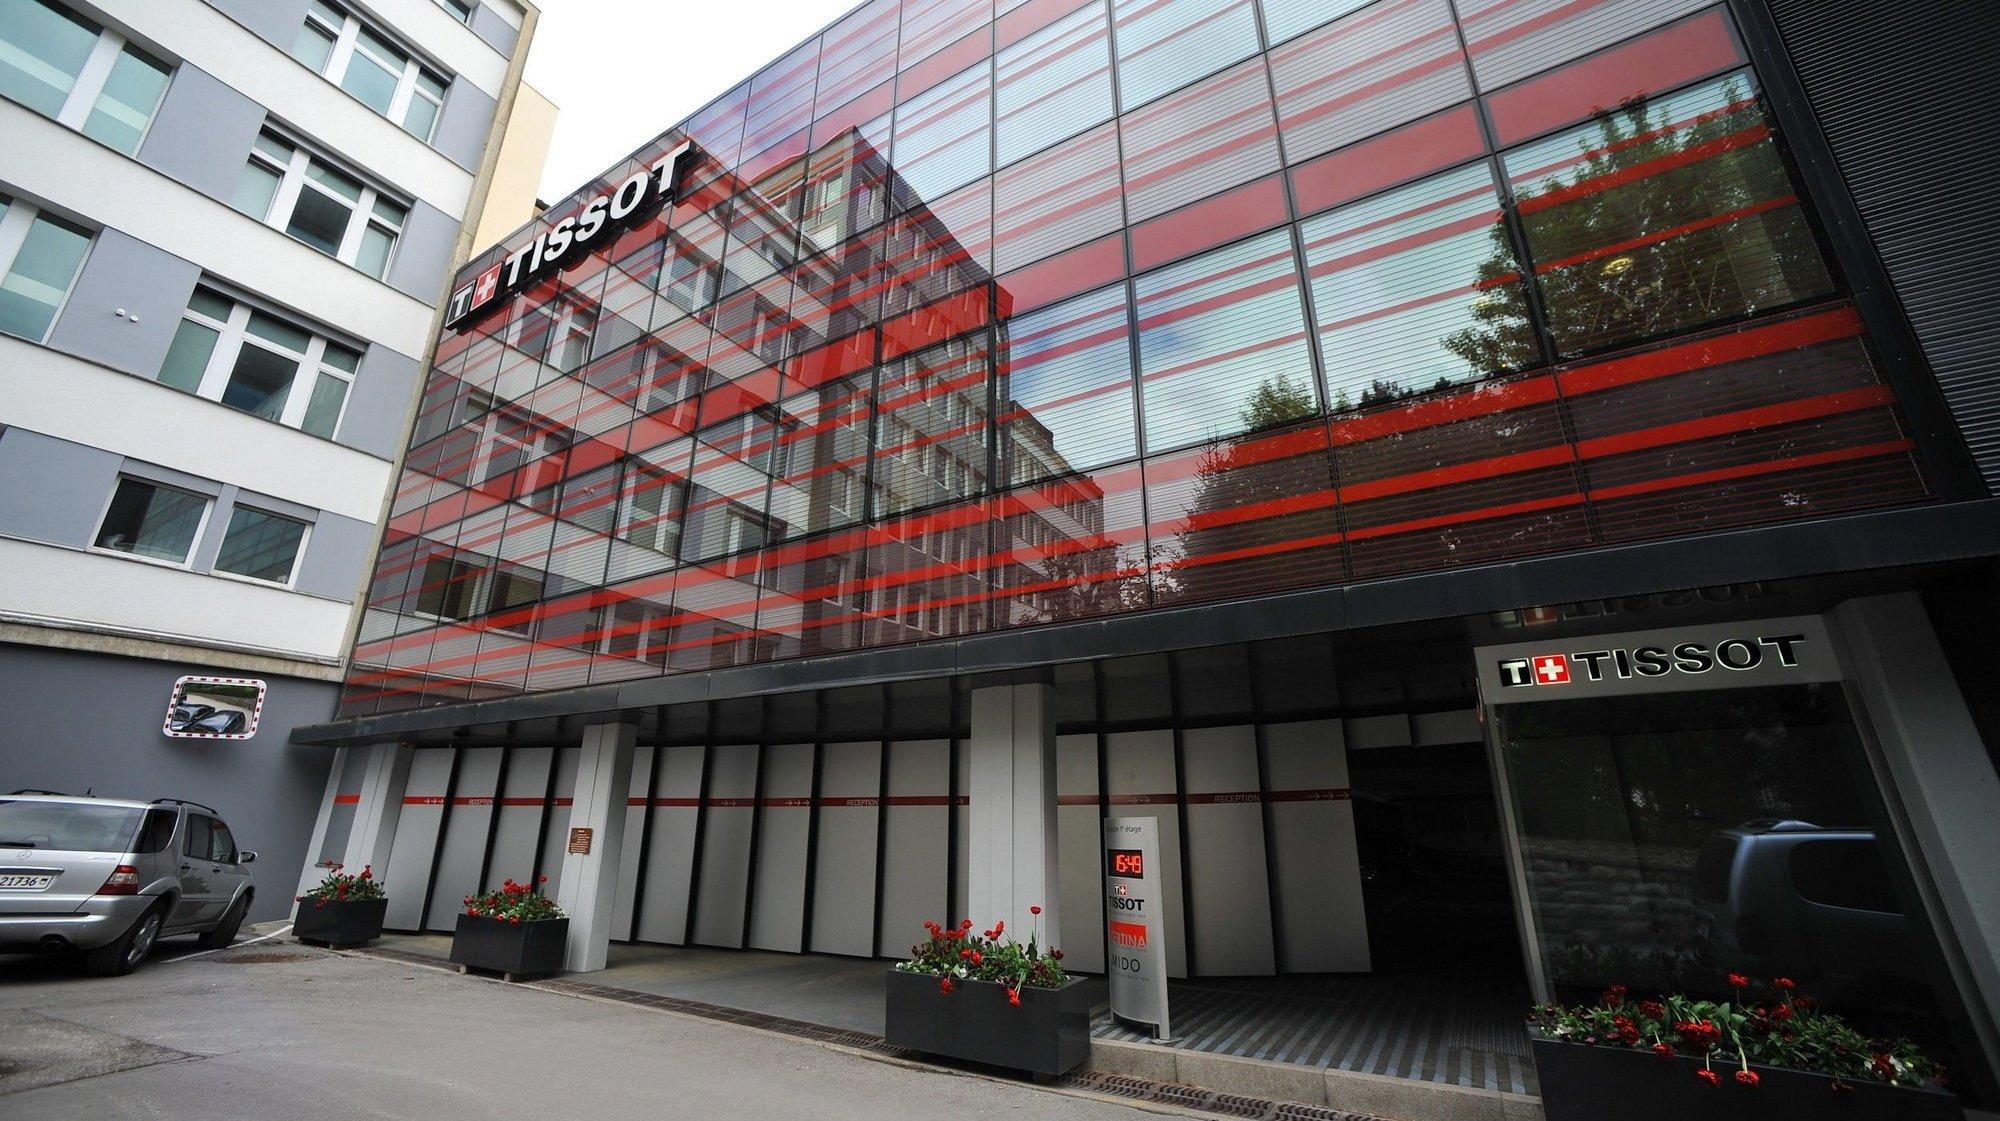 La Chaux-de-Fonds: le principal accusé absent, le procès Tissot est suspendu